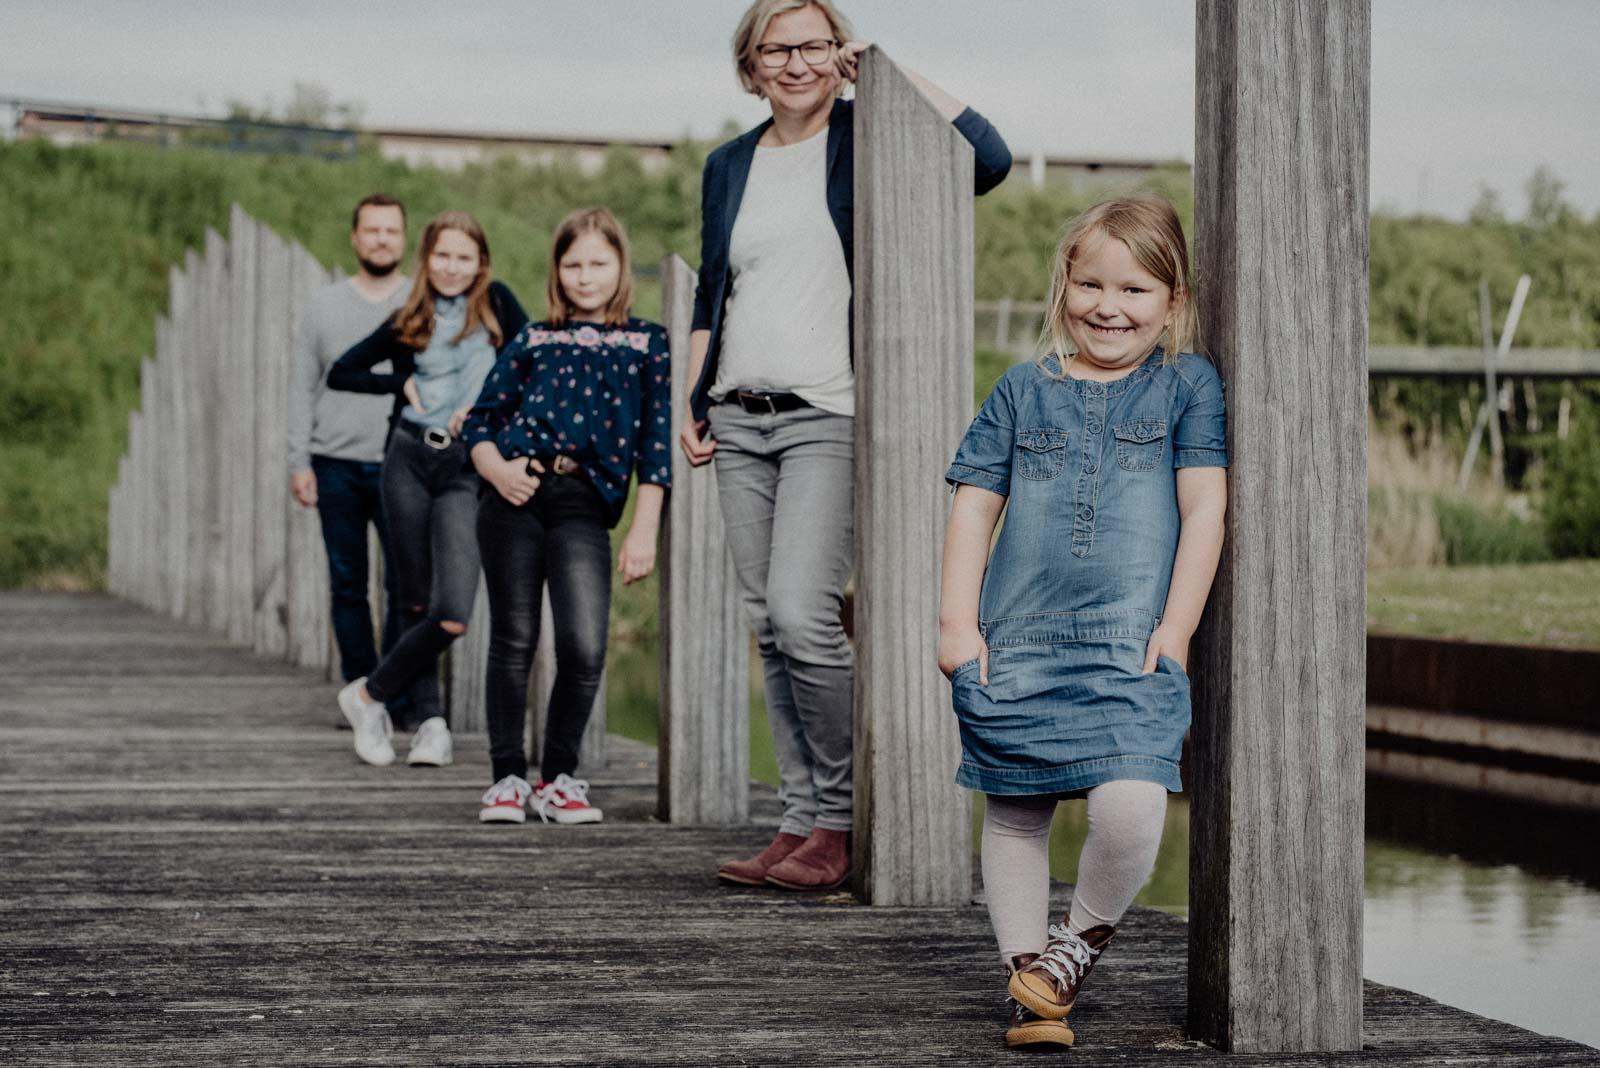 Die kleinste der Familie im Fokus beim Familienshooting